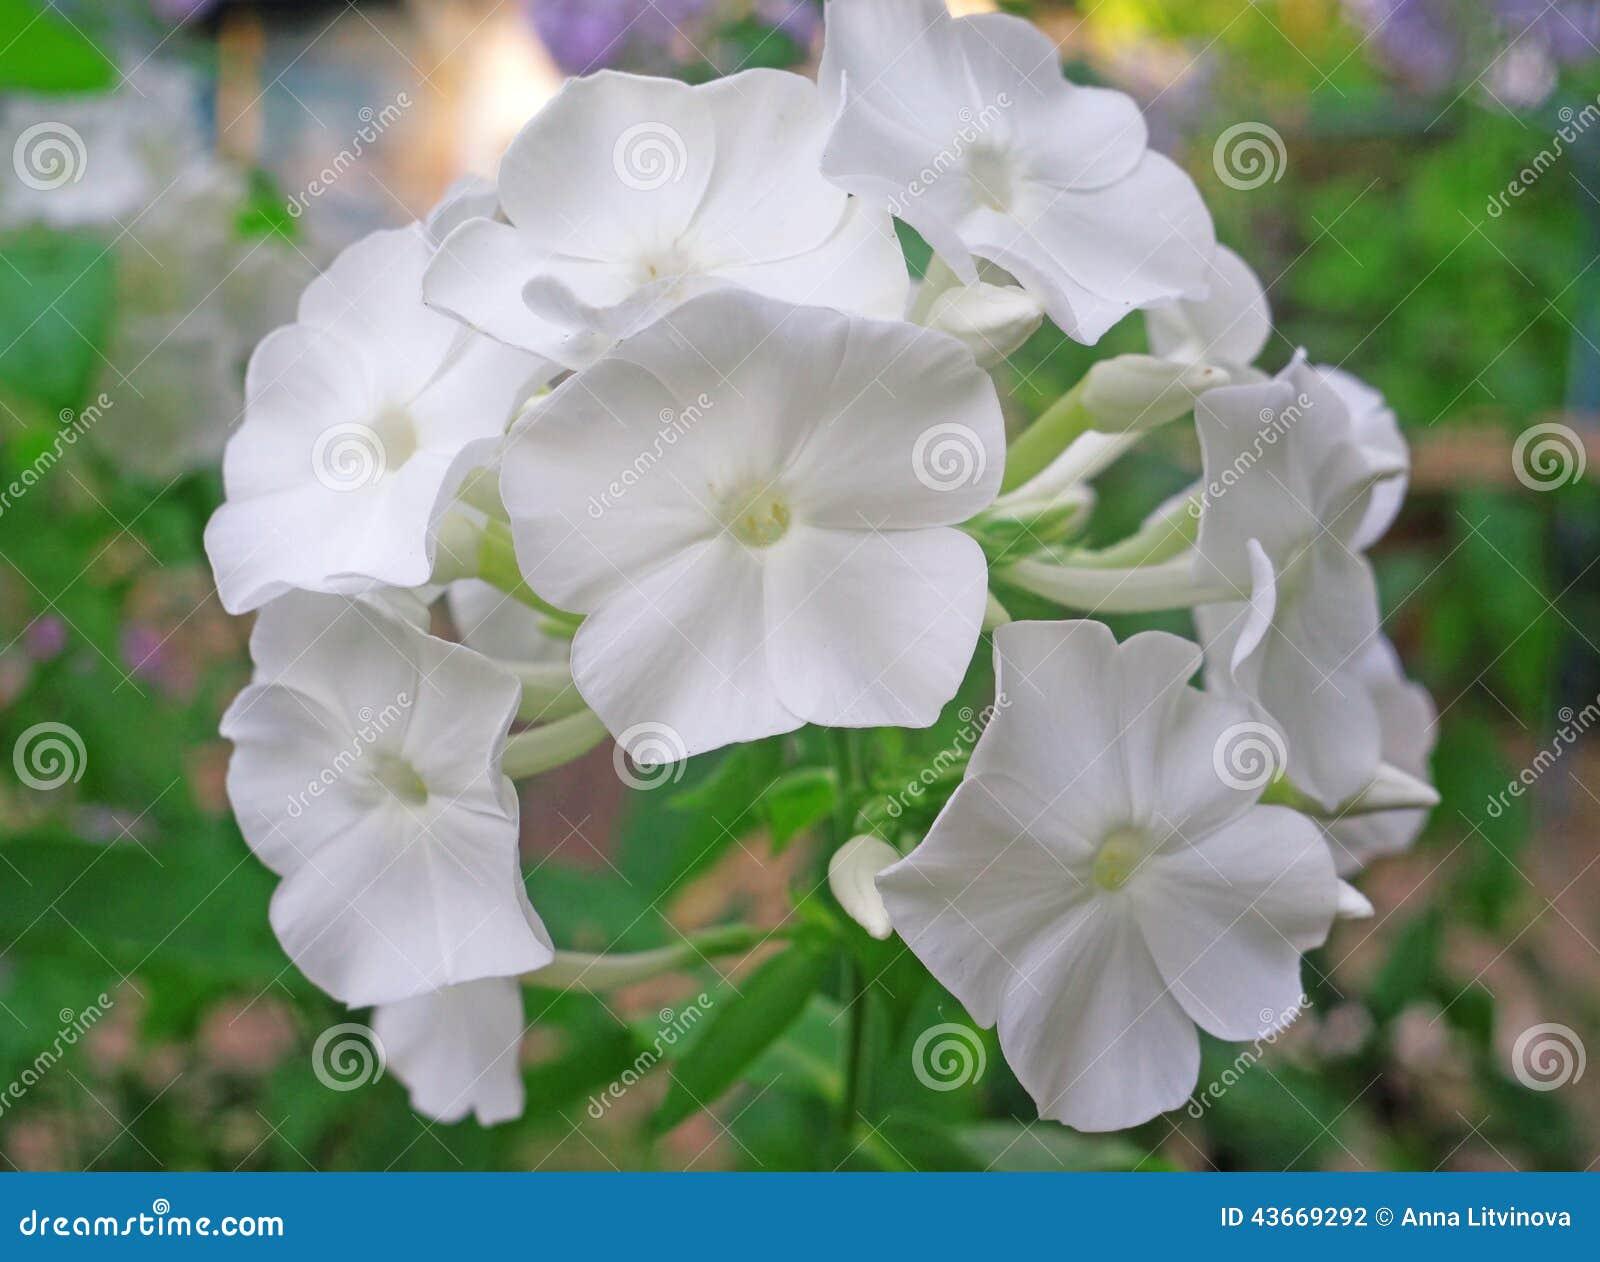 Fleurs Blanches De Phlox Dans Le Jardin Photo stock ...